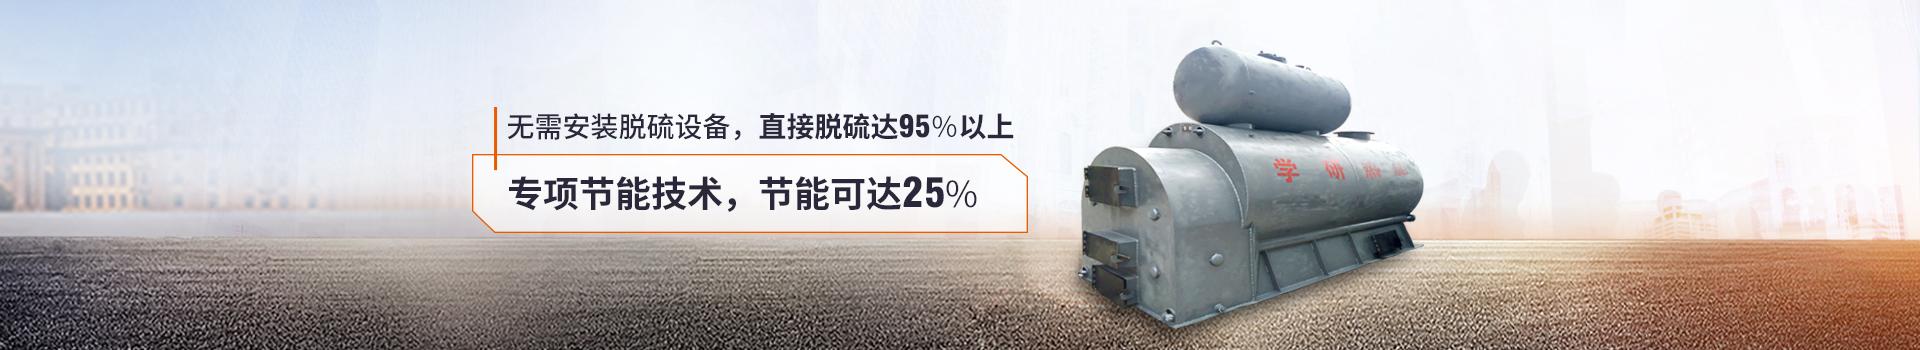 学研热能燃煤热能机,专项节能技术,节能可达25%